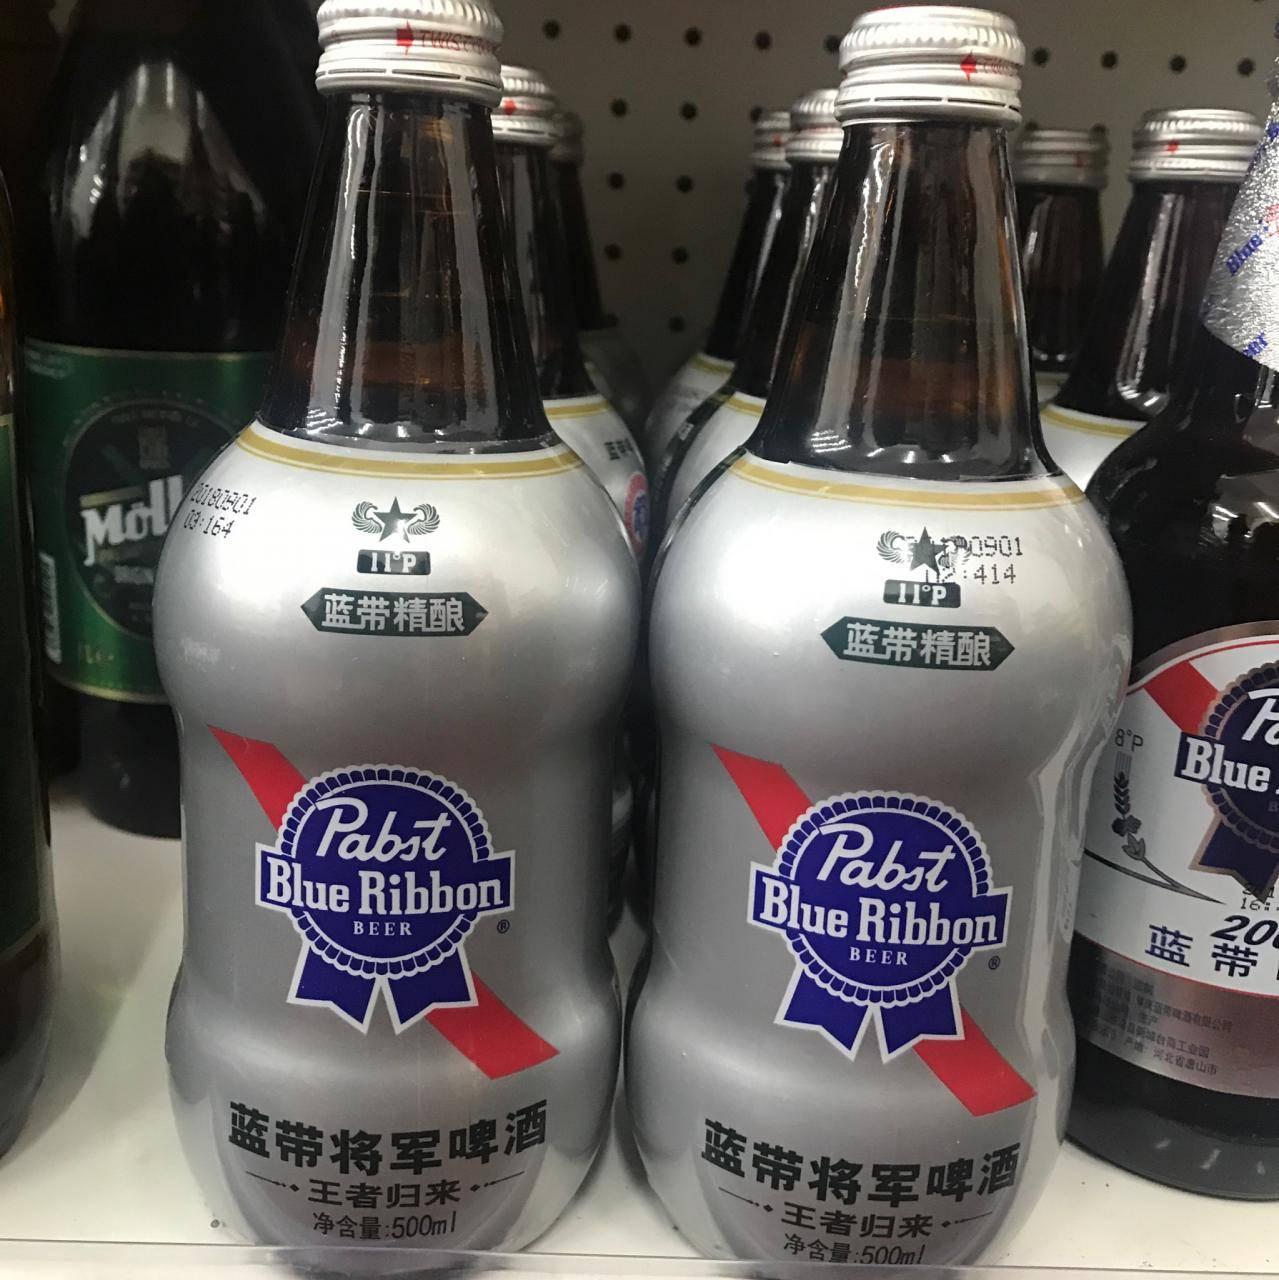 将军啤酒价格-蓝带啤酒王回归二战纪念版售价?-大麦丫-精酿啤酒连锁超市,工厂店平价酒吧免费加盟